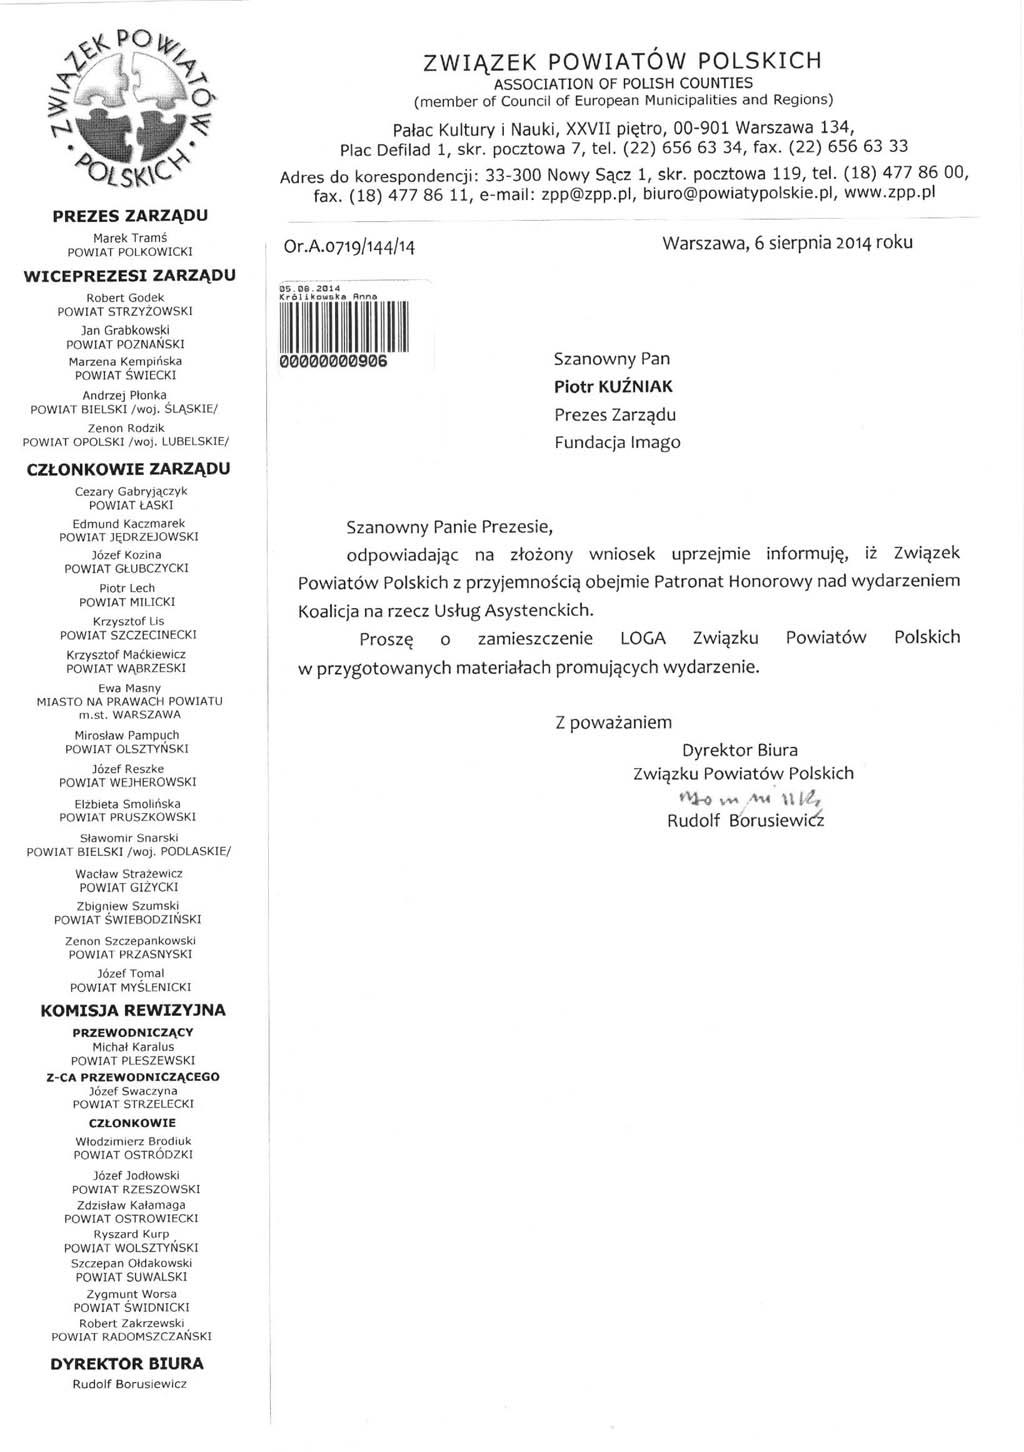 144_142_ZPP_Patronat_Koalicja_na_rzecz_Uslug_asystenckic